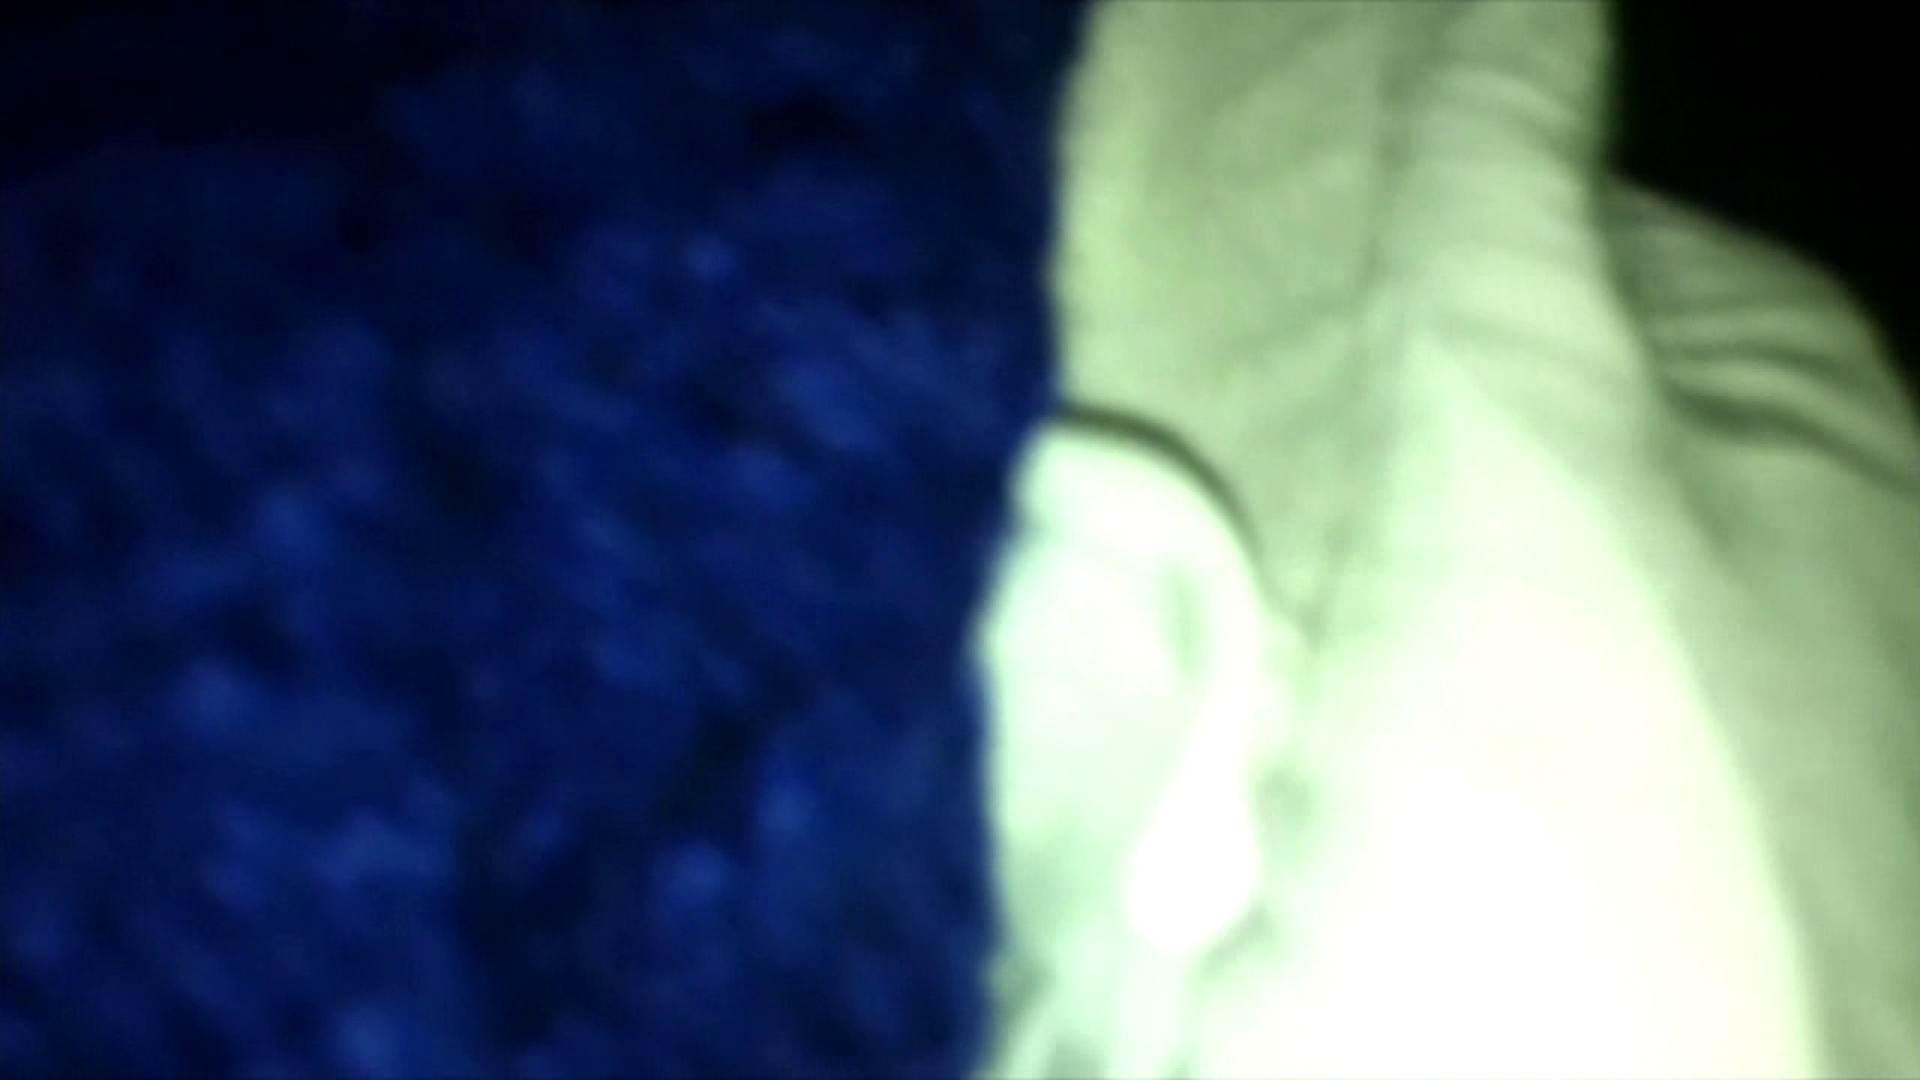 vol.22 【YHちゃん】パルコ店員20歳 mixiオフ会で いじくりマンコ   女子大生  87画像 27